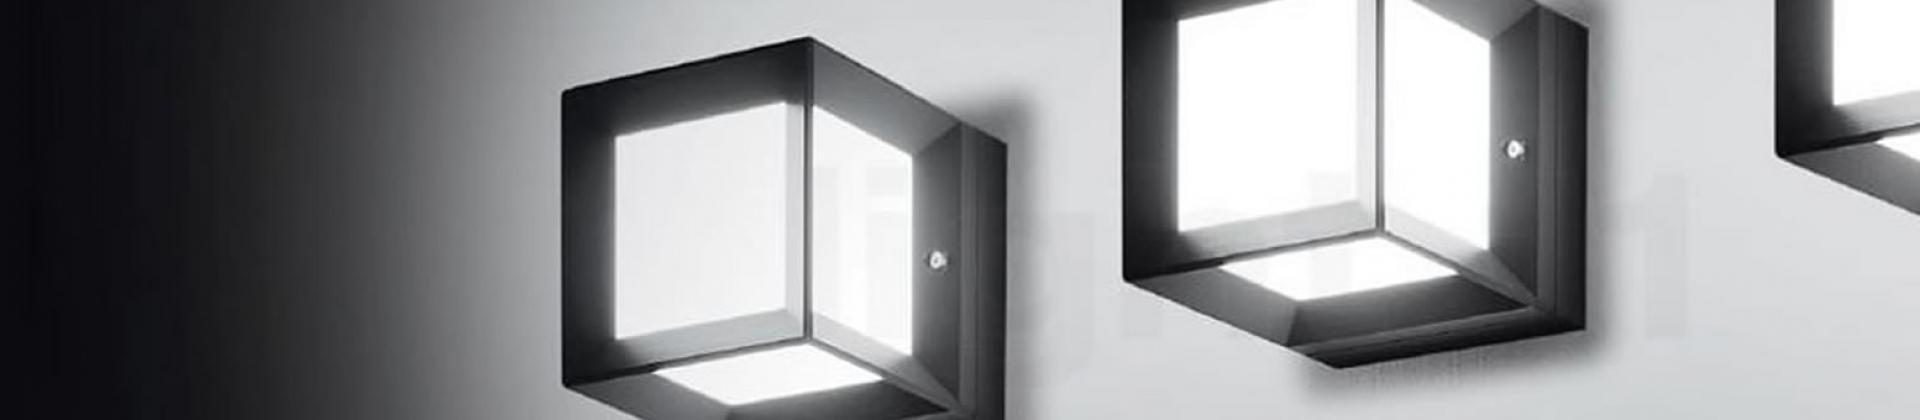 Bega wall luminaire 2040